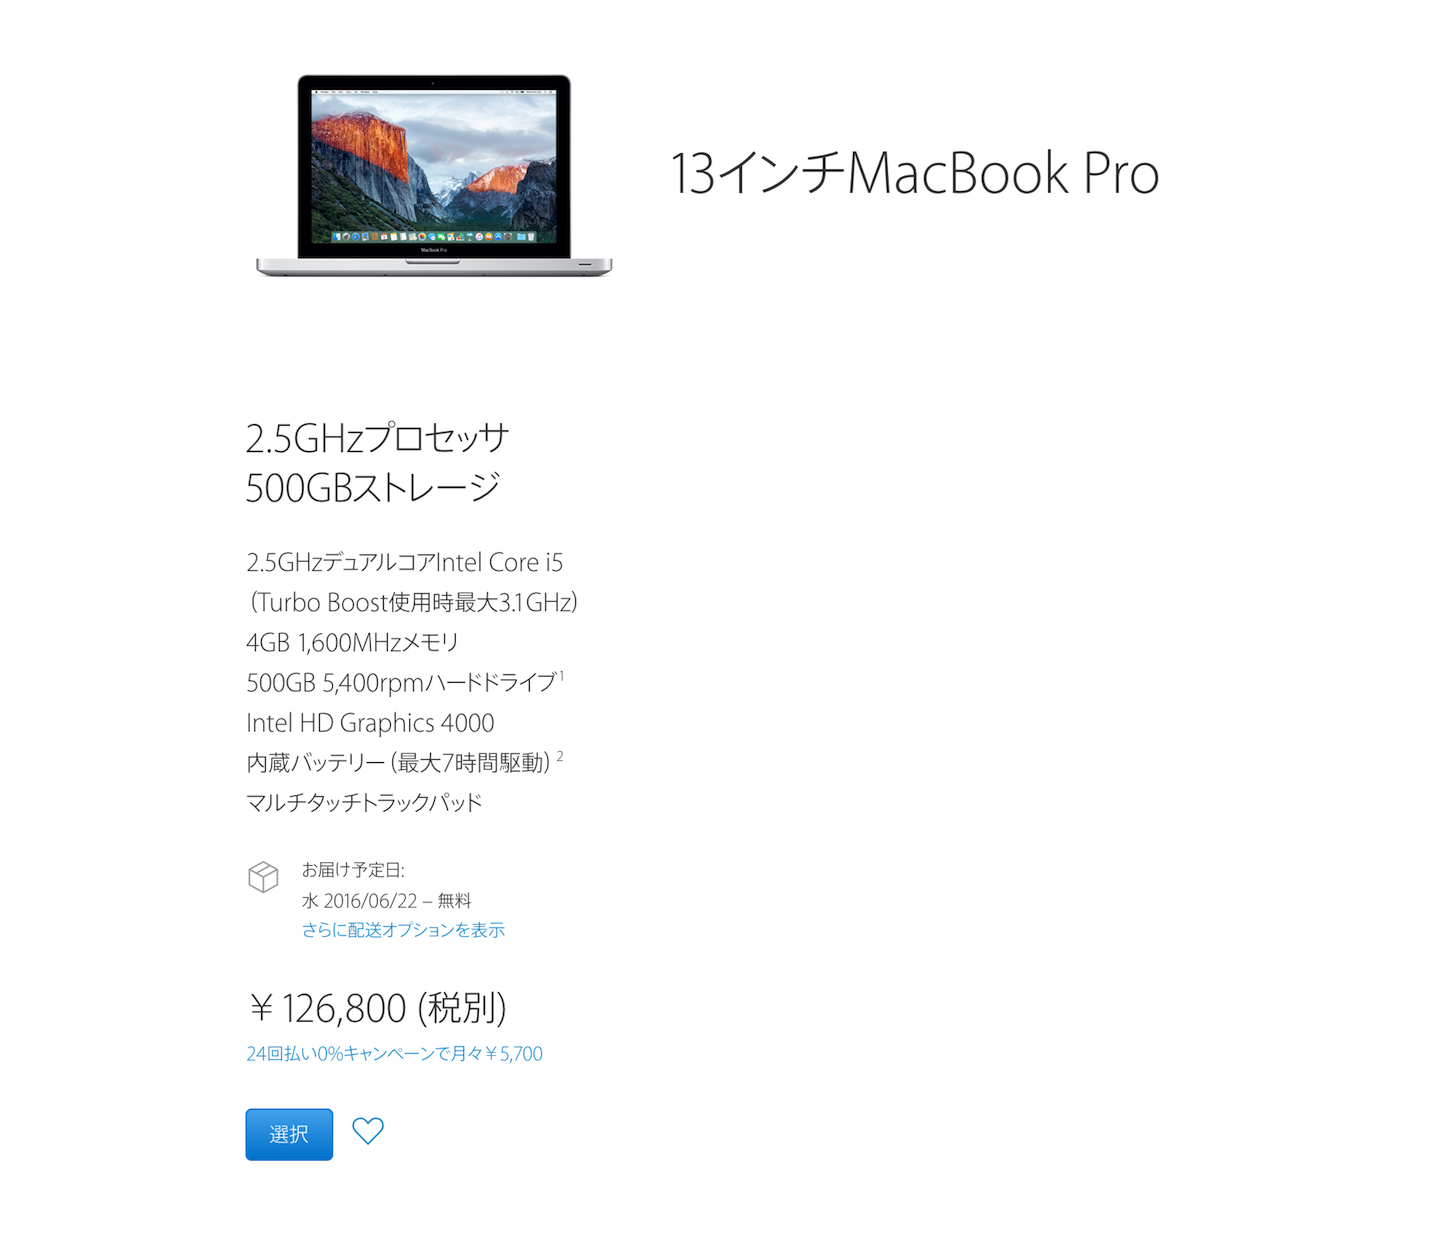 MacBook-Pro-Non-Retina.png